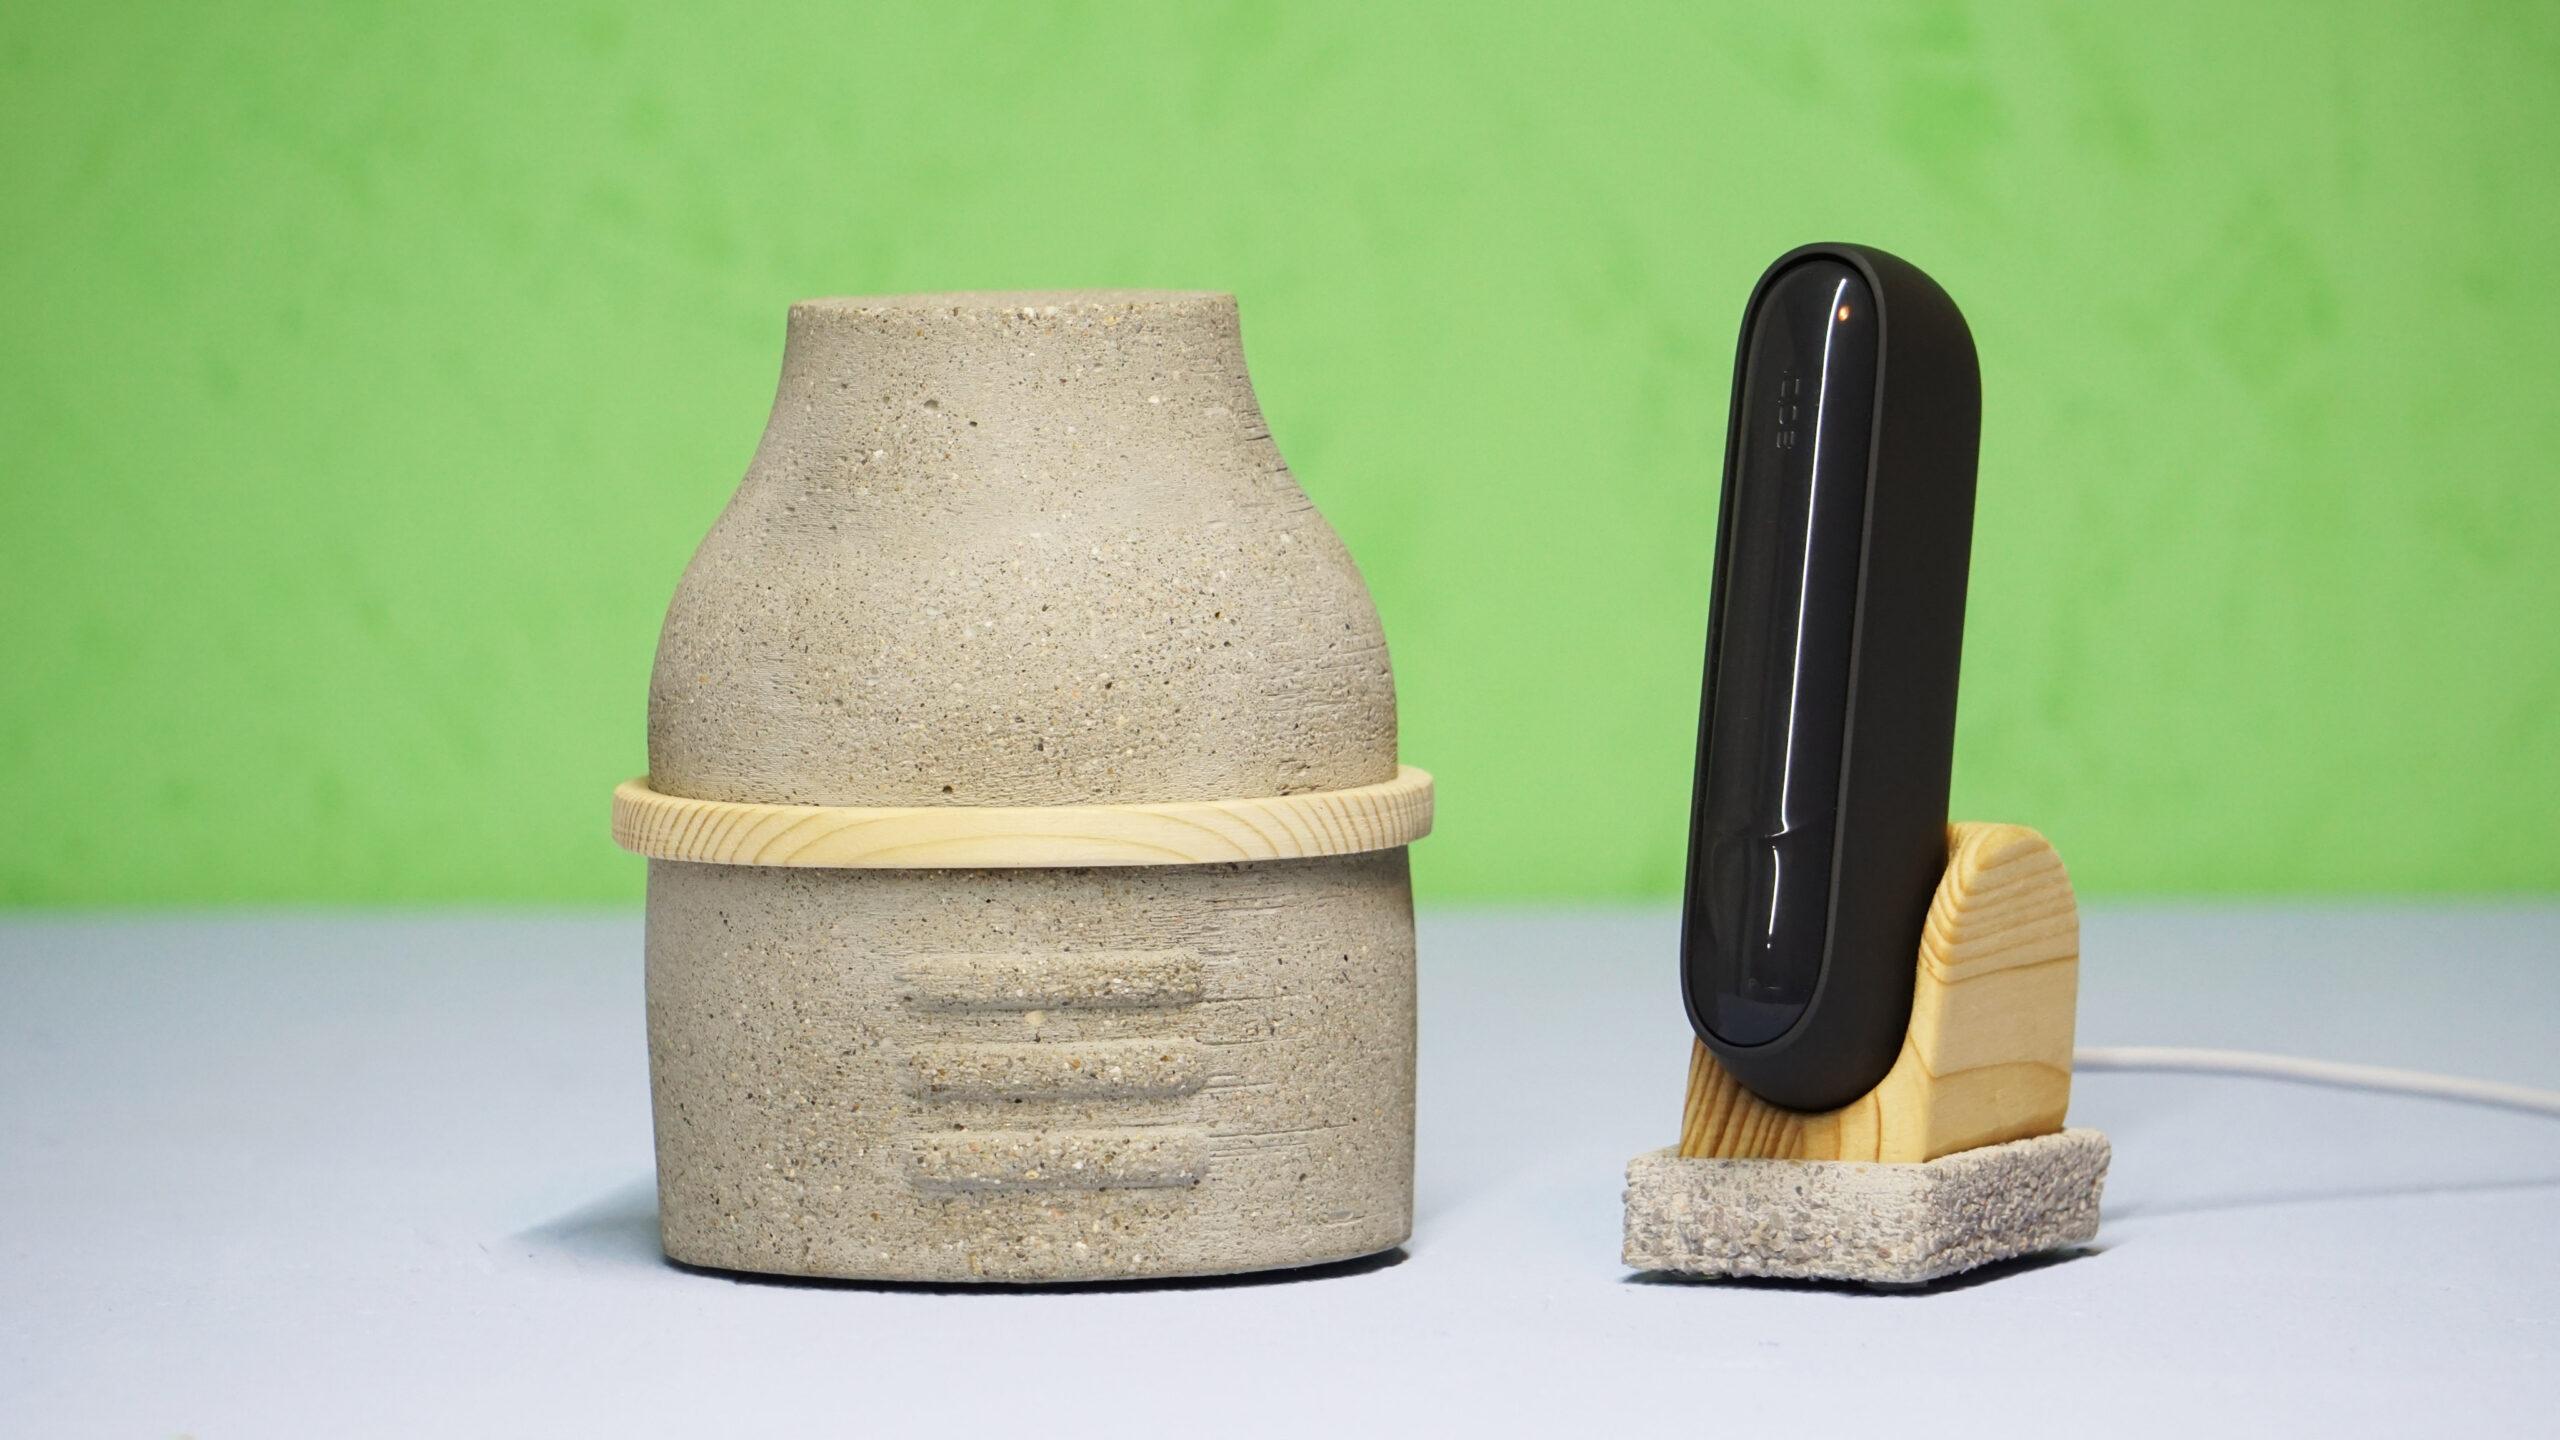 Popelník na nahřívaný tabák